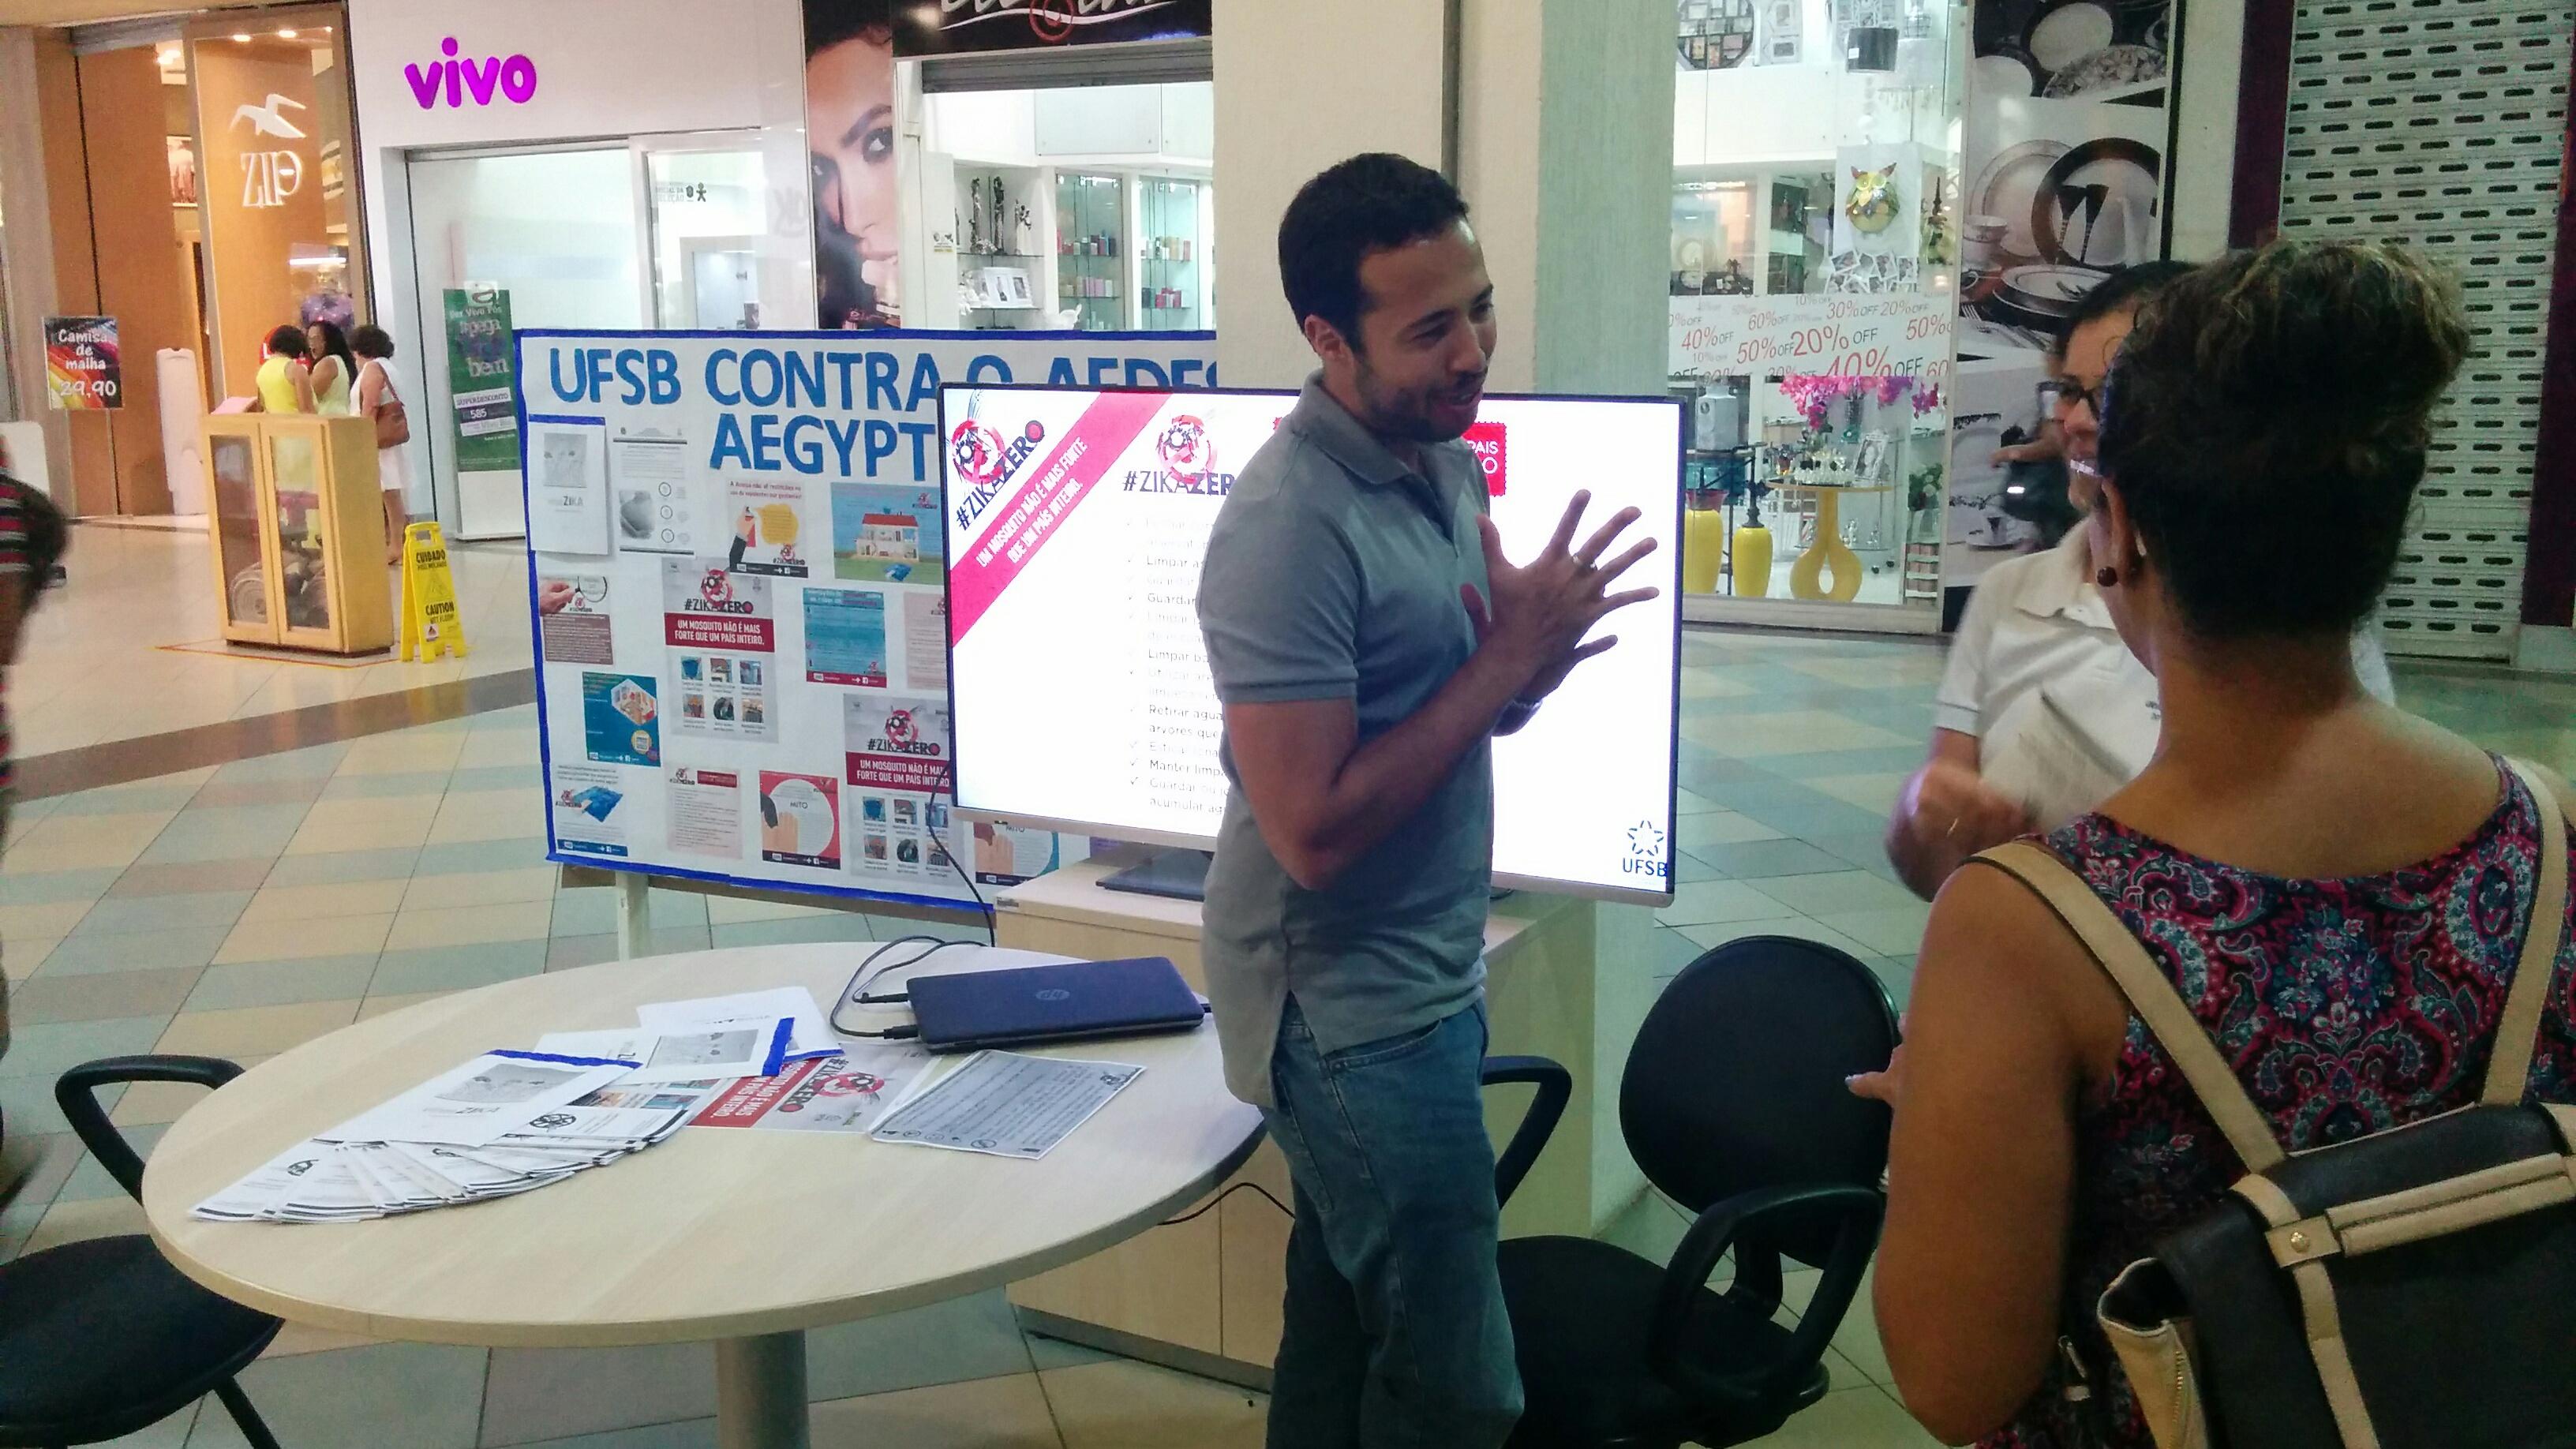 servidor da ufsb sorri e gesticula ao conversar com duas visitantes do shopping, que aparecem à direita na imagem